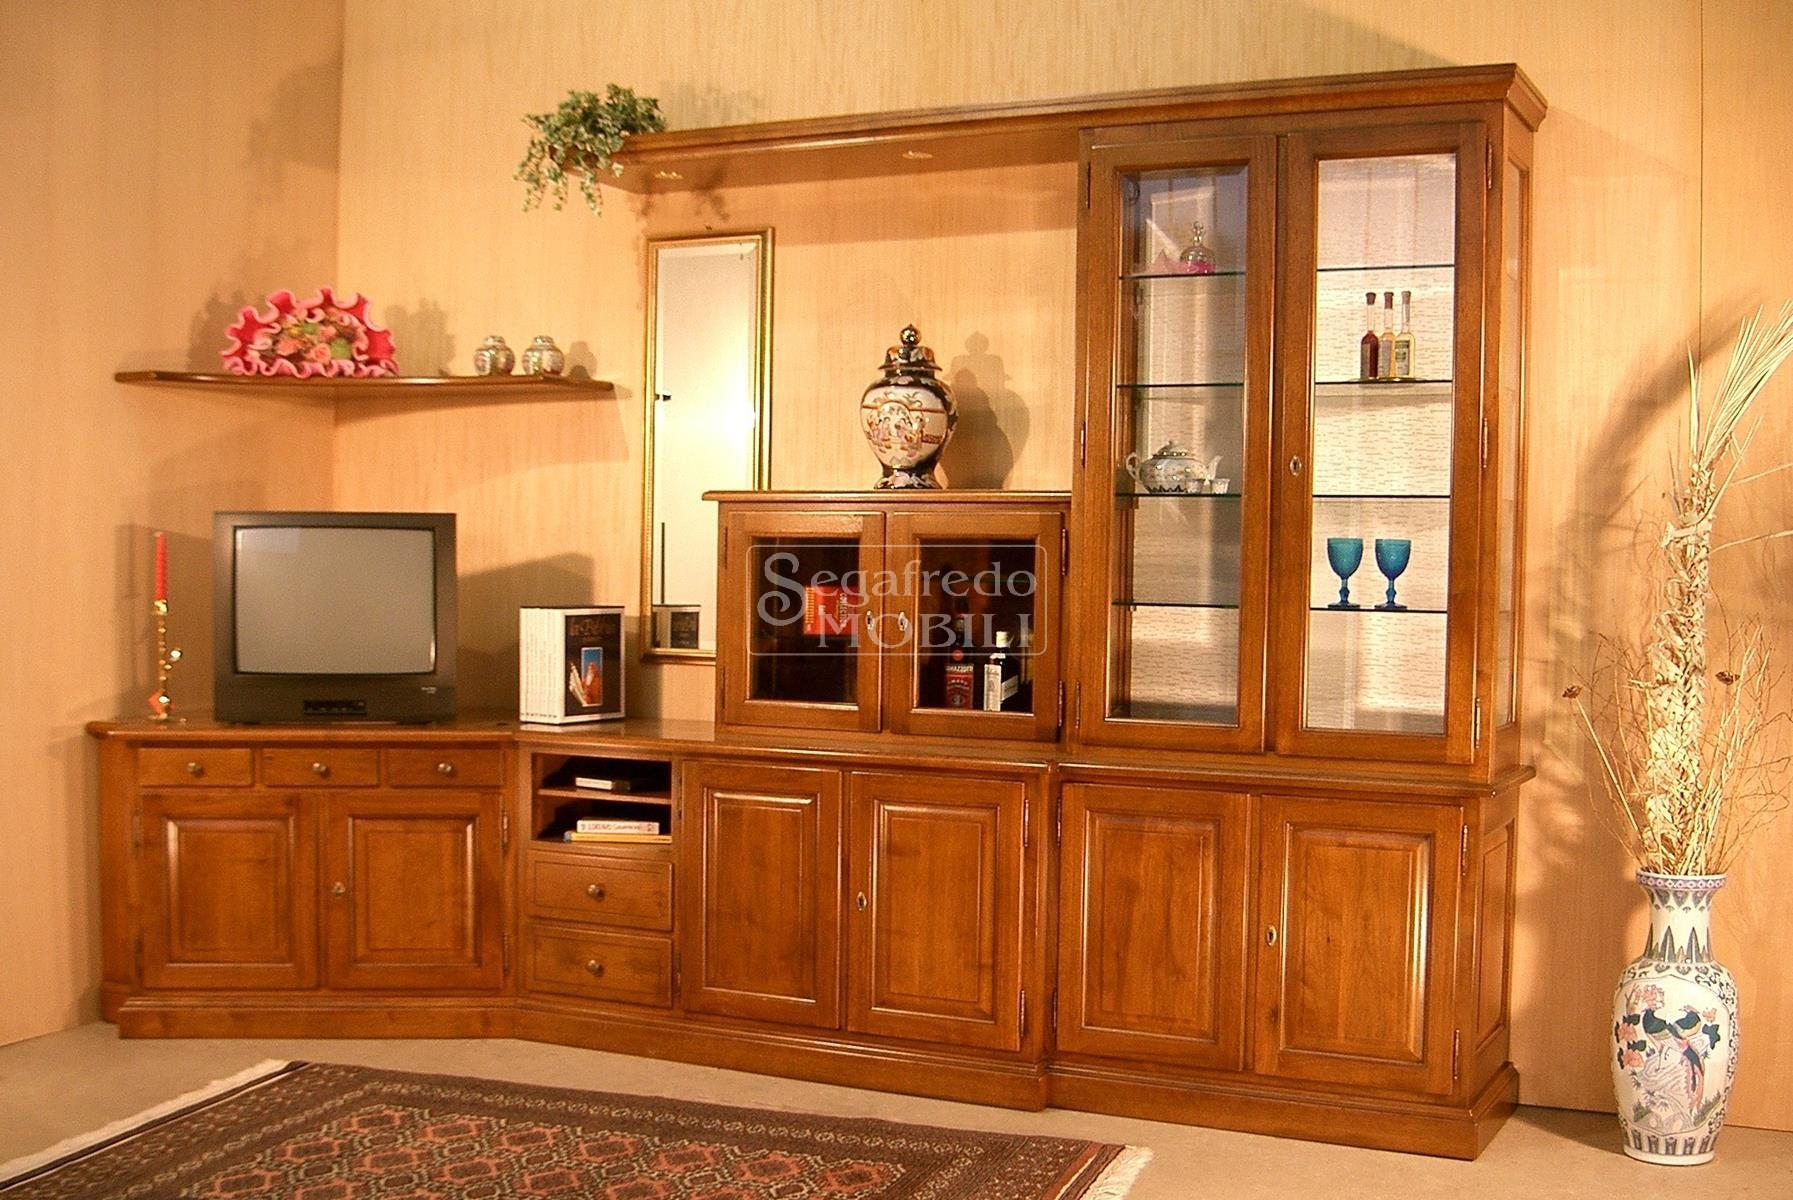 Mobile su misura per soggiorno in legno massiccio con disposizione